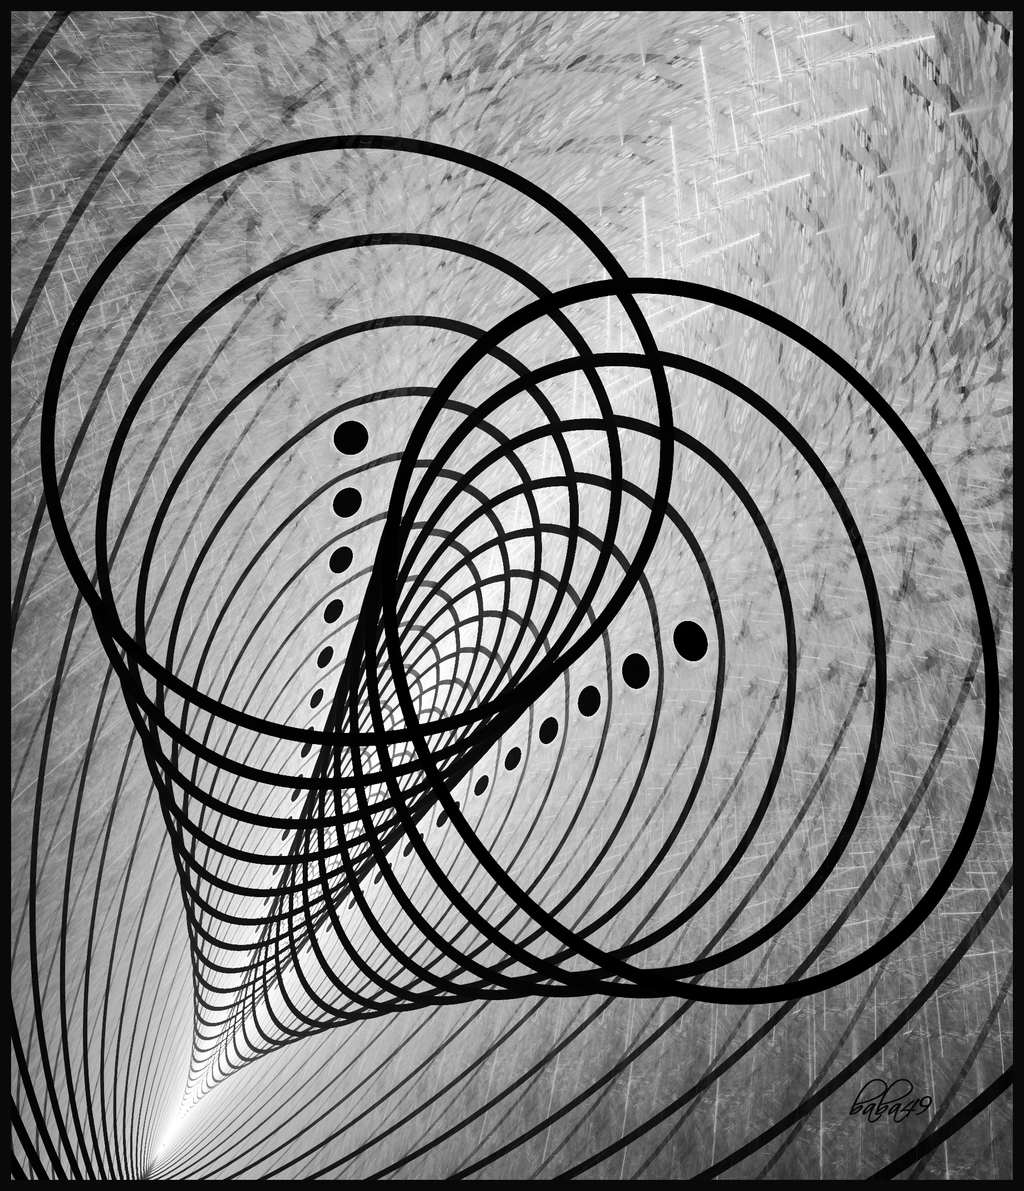 Spherical Rings by baba49